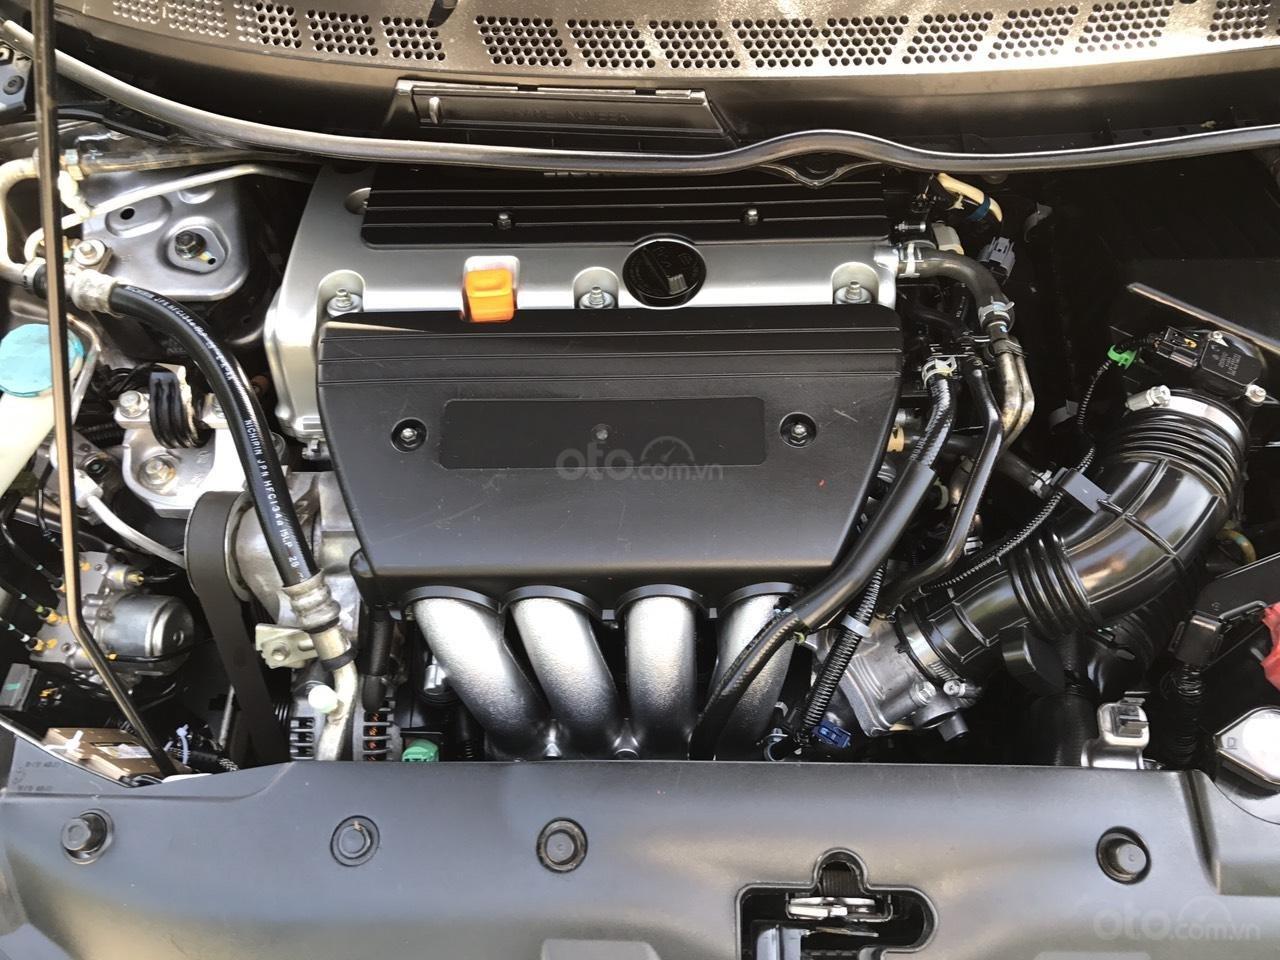 Bán xe Honda Civic 2.0AT 2008, màu xám (ghi), full đồ chơi 30 triệu, công nhận mới (8)